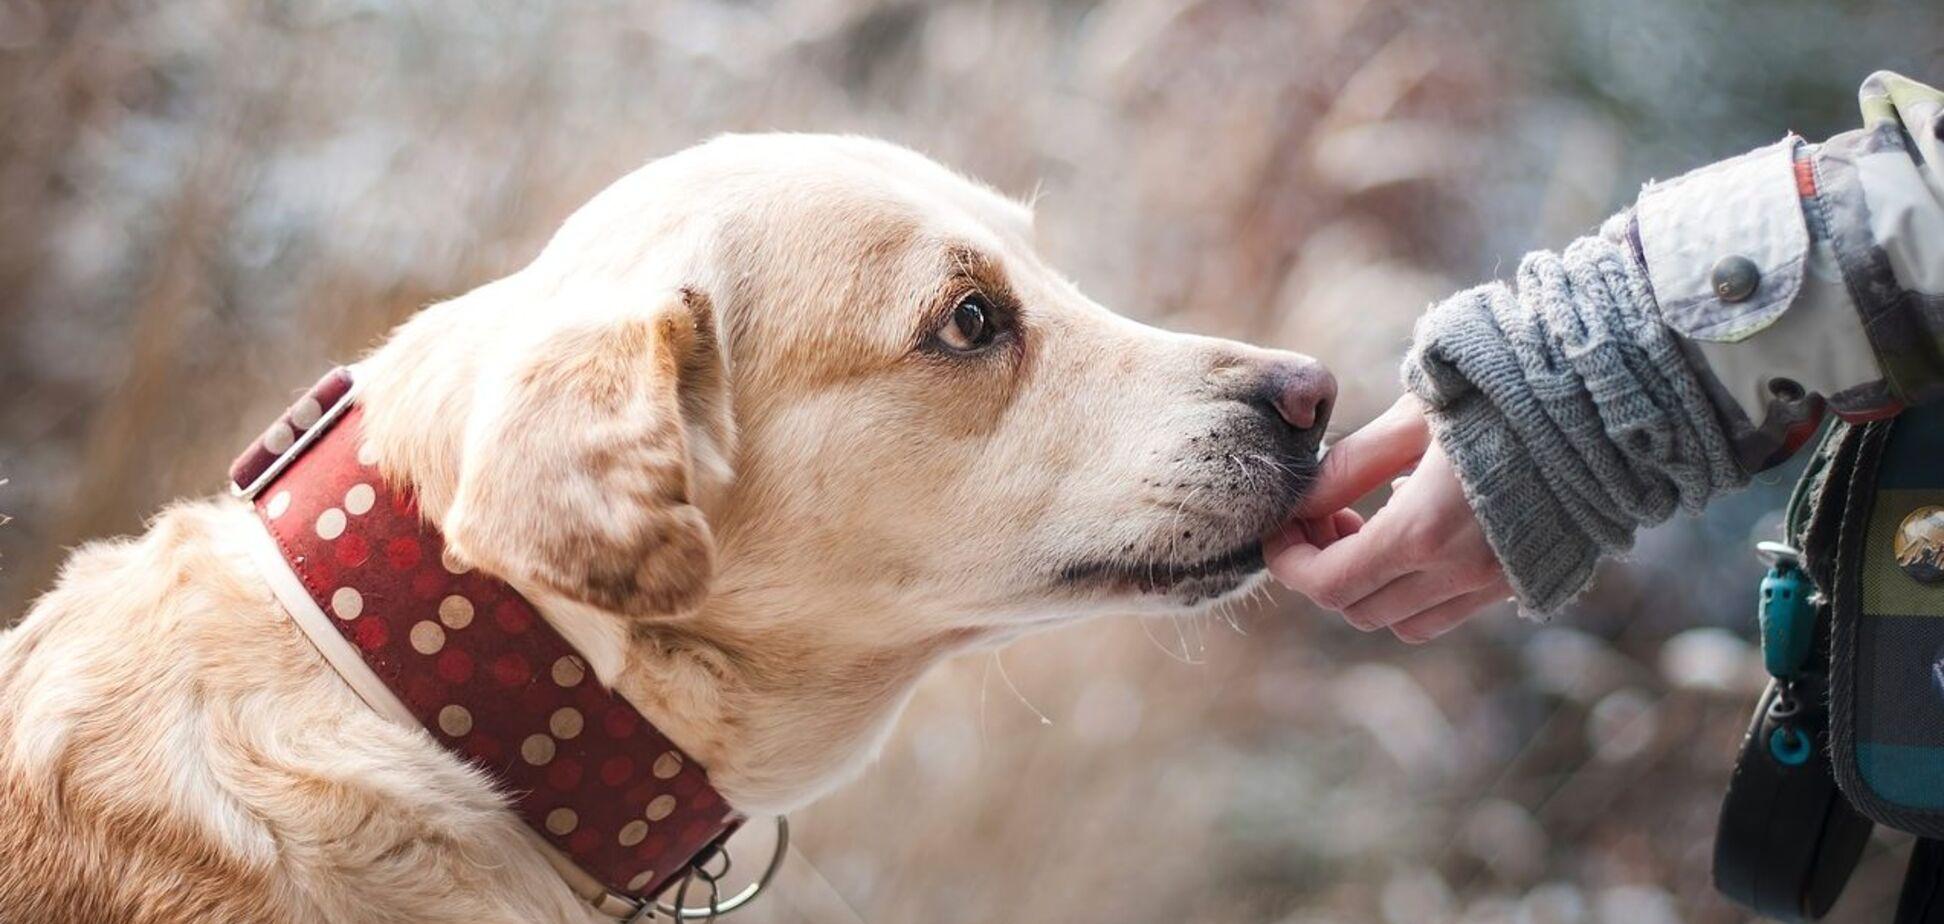 Запомните, сидя дома - не помочь бездомным животным